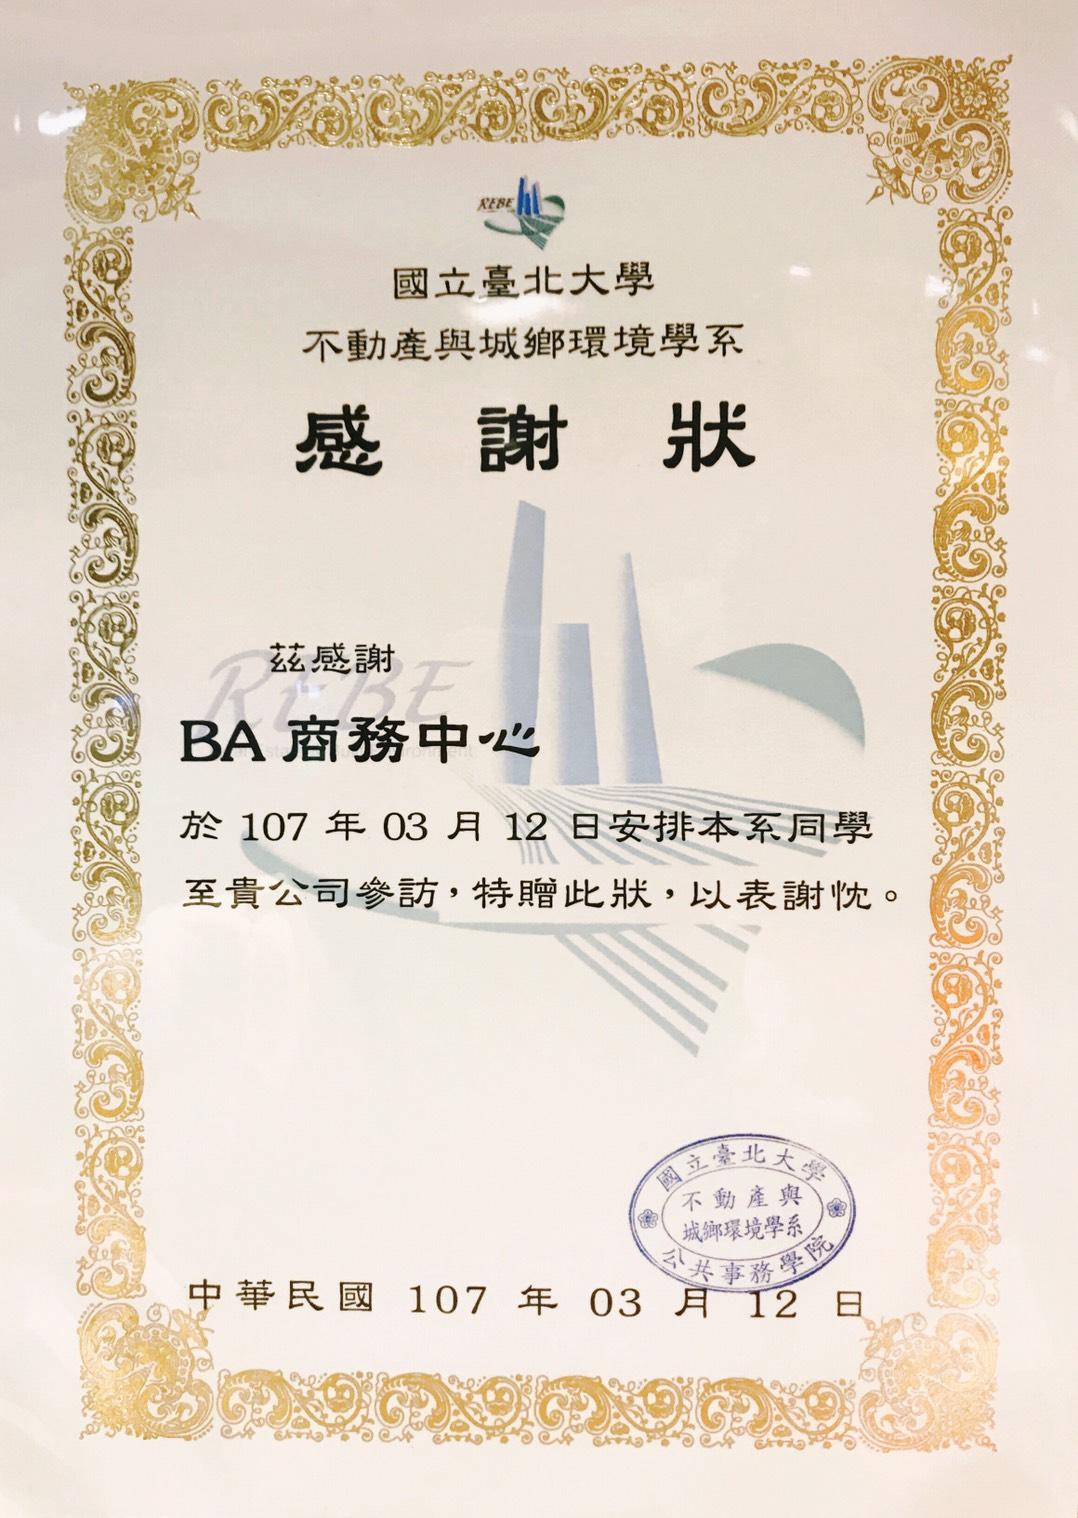 台北大學不動產與城鄉環境學系專訪